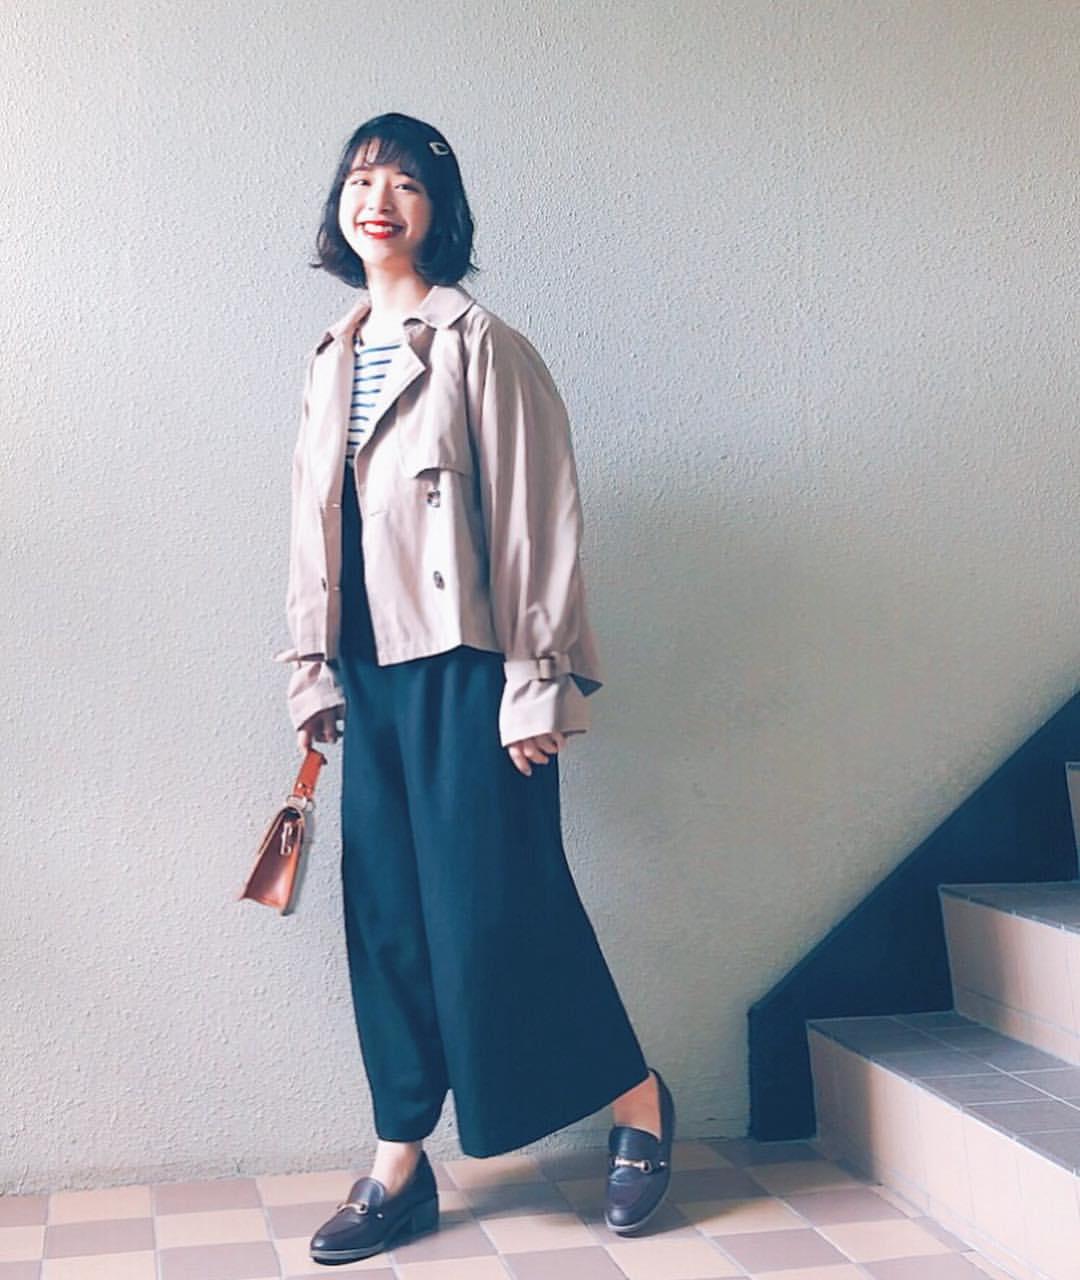 最高気温16度・最低気温3度 natsu_outfitsの服装